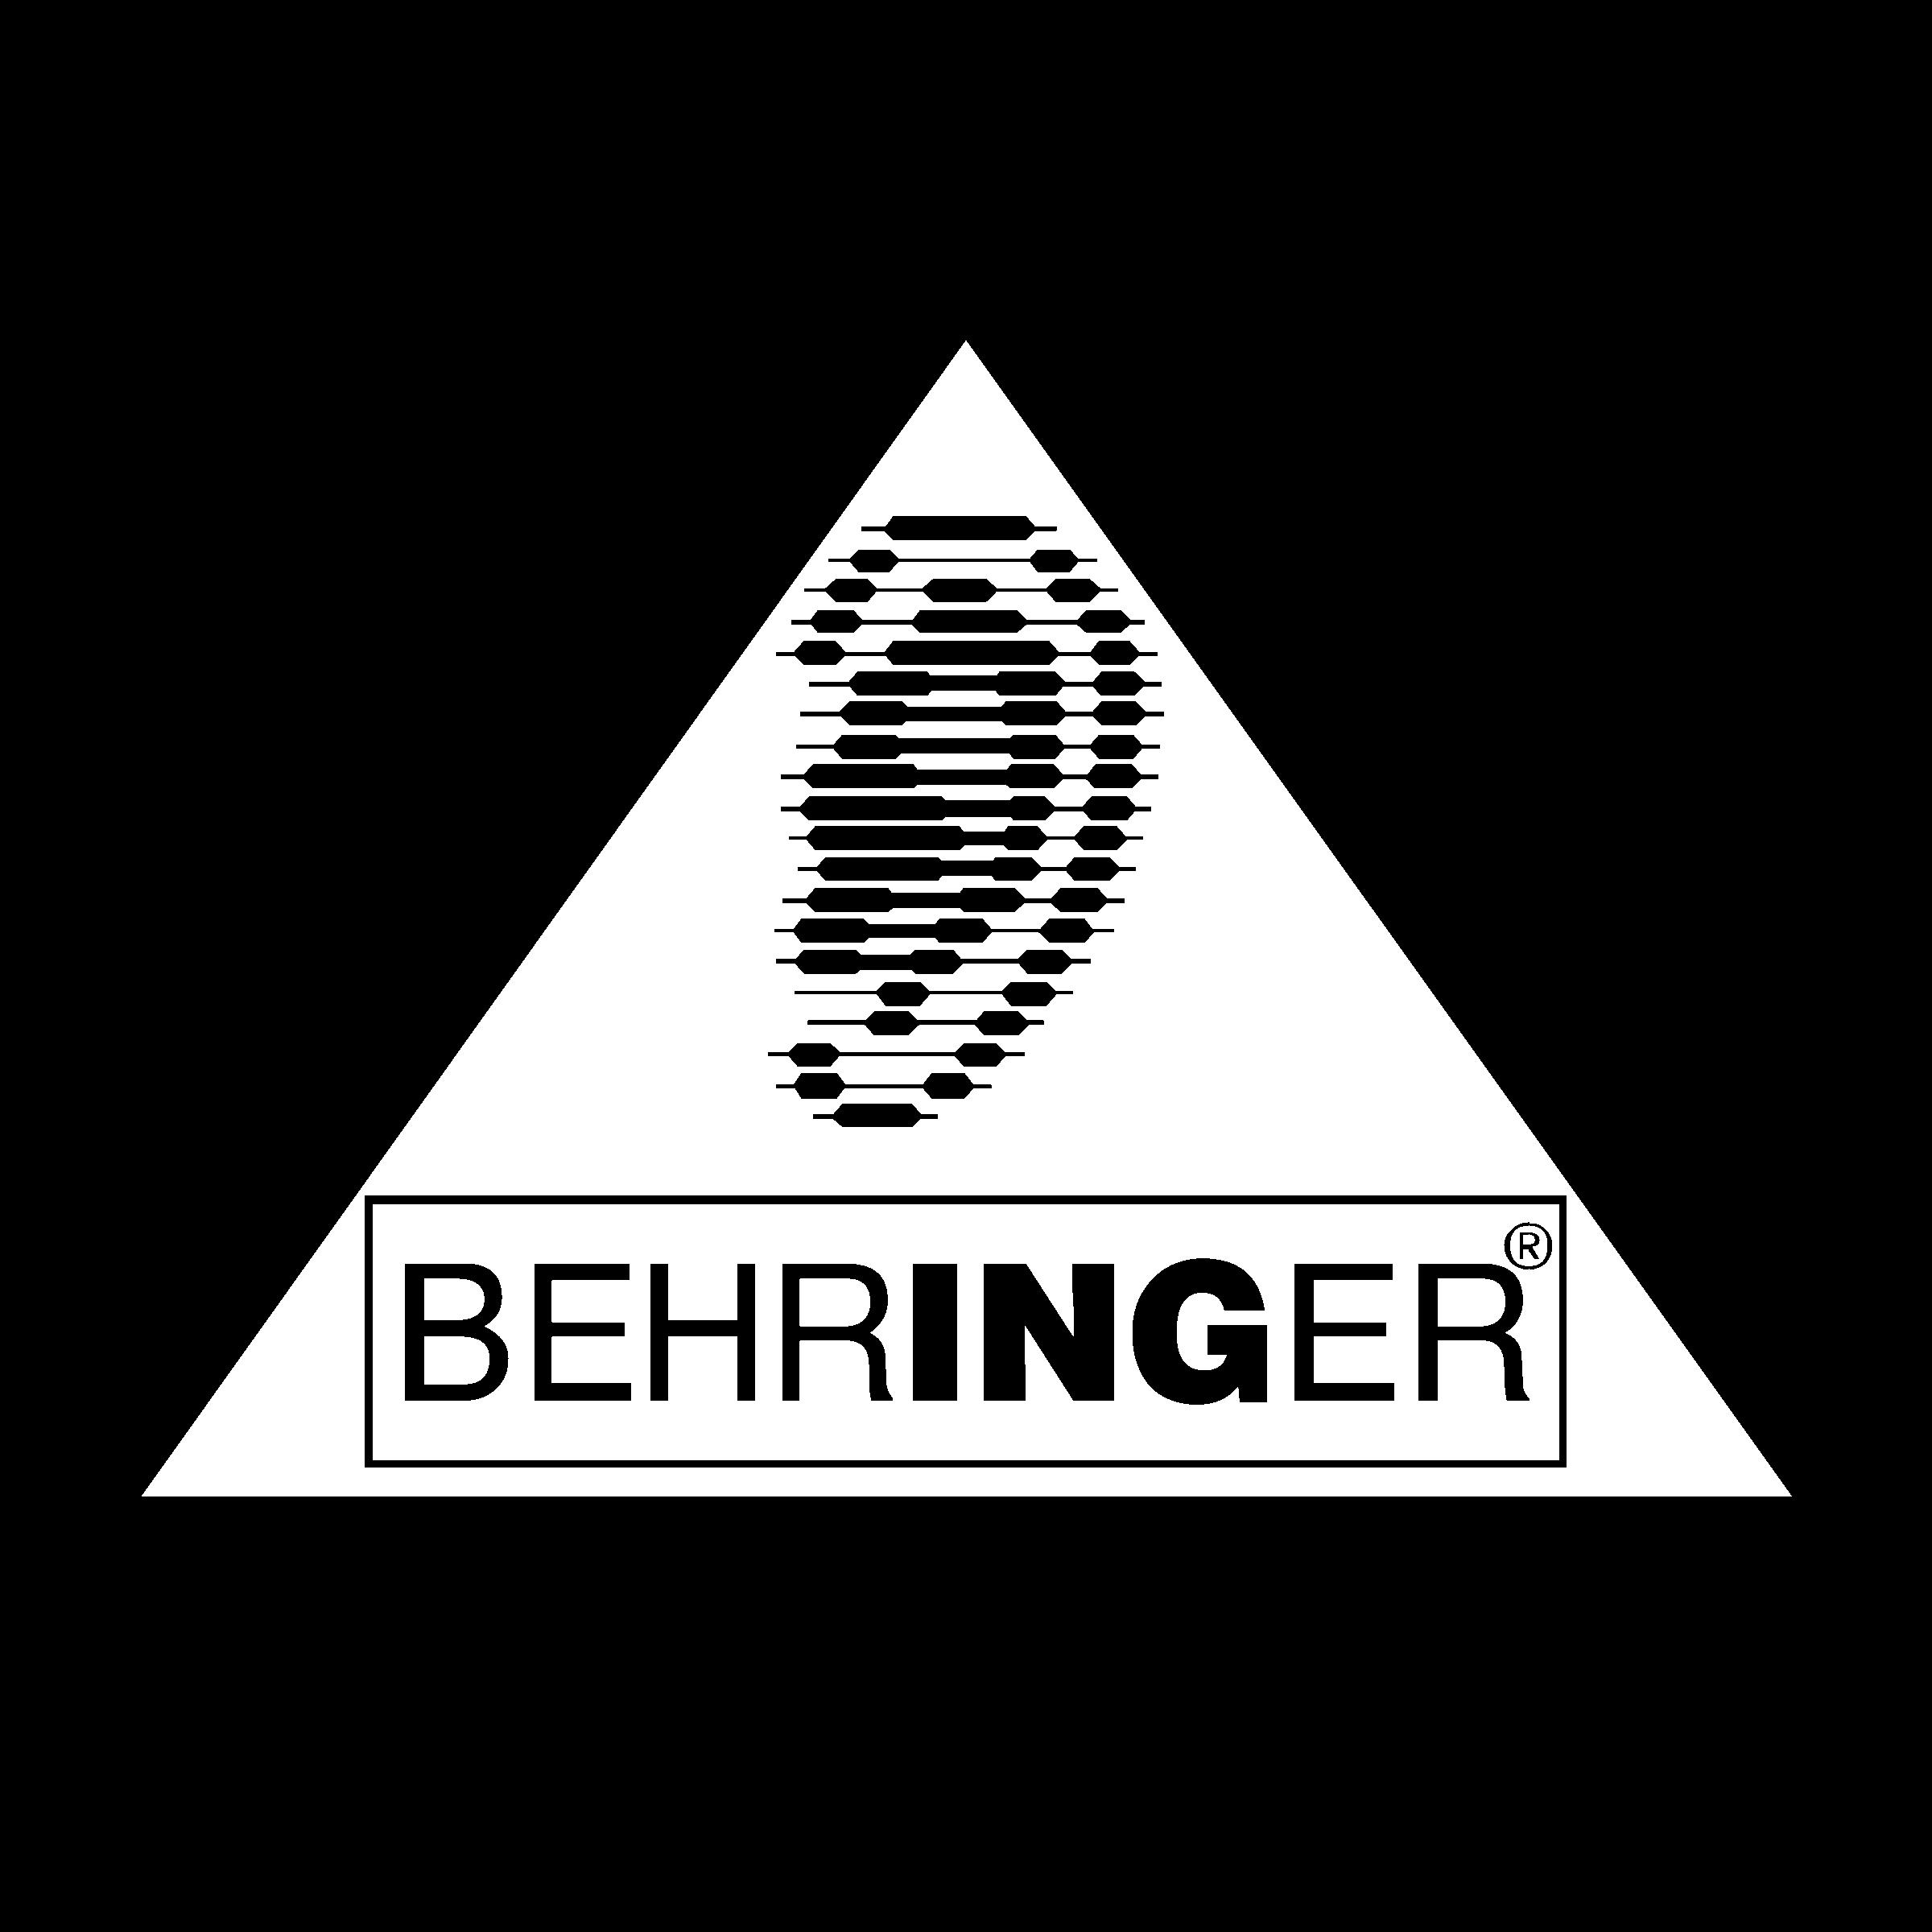 Behringer Logo PNG Transparent & SVG Vector.